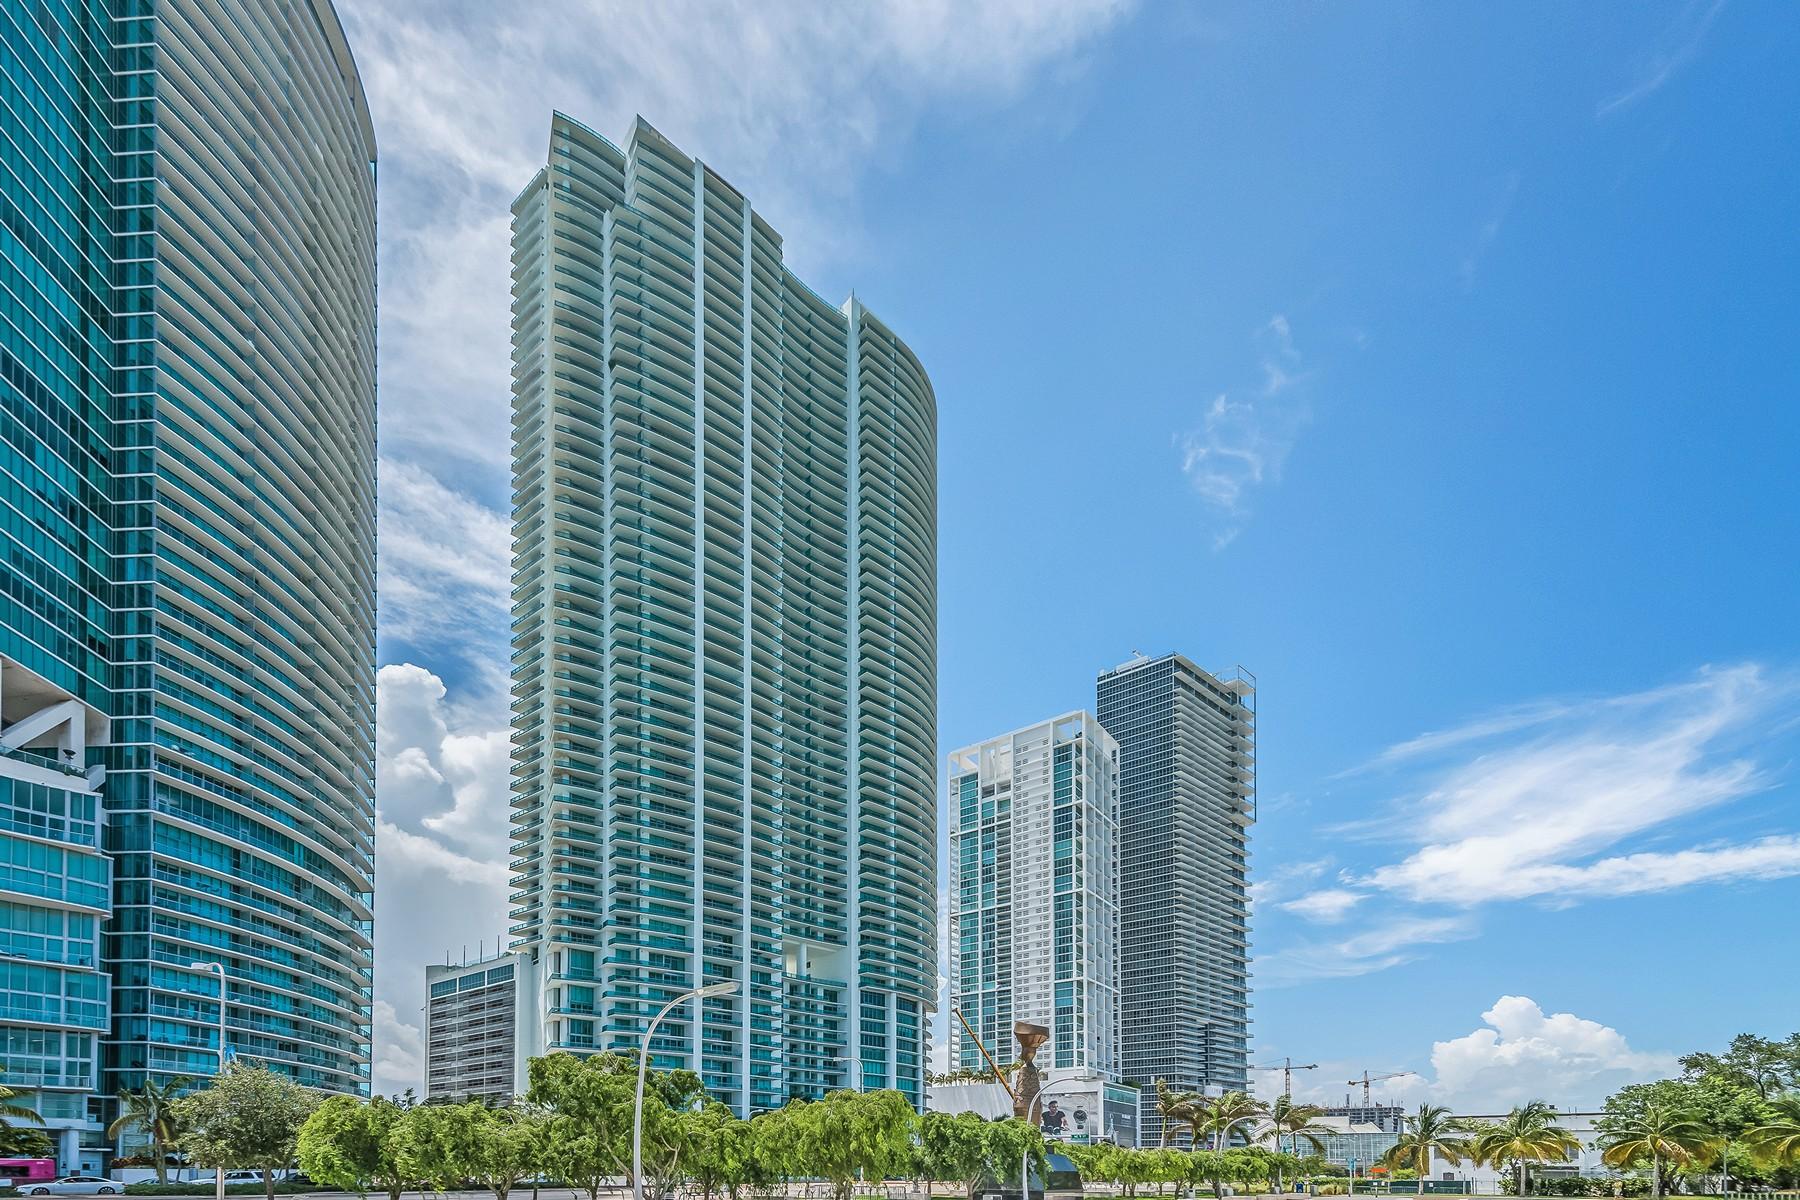 Кооперативная квартира для того Продажа на 900 Biscayne Blvd #2308 Miami, Флорида 33132 Соединенные Штаты